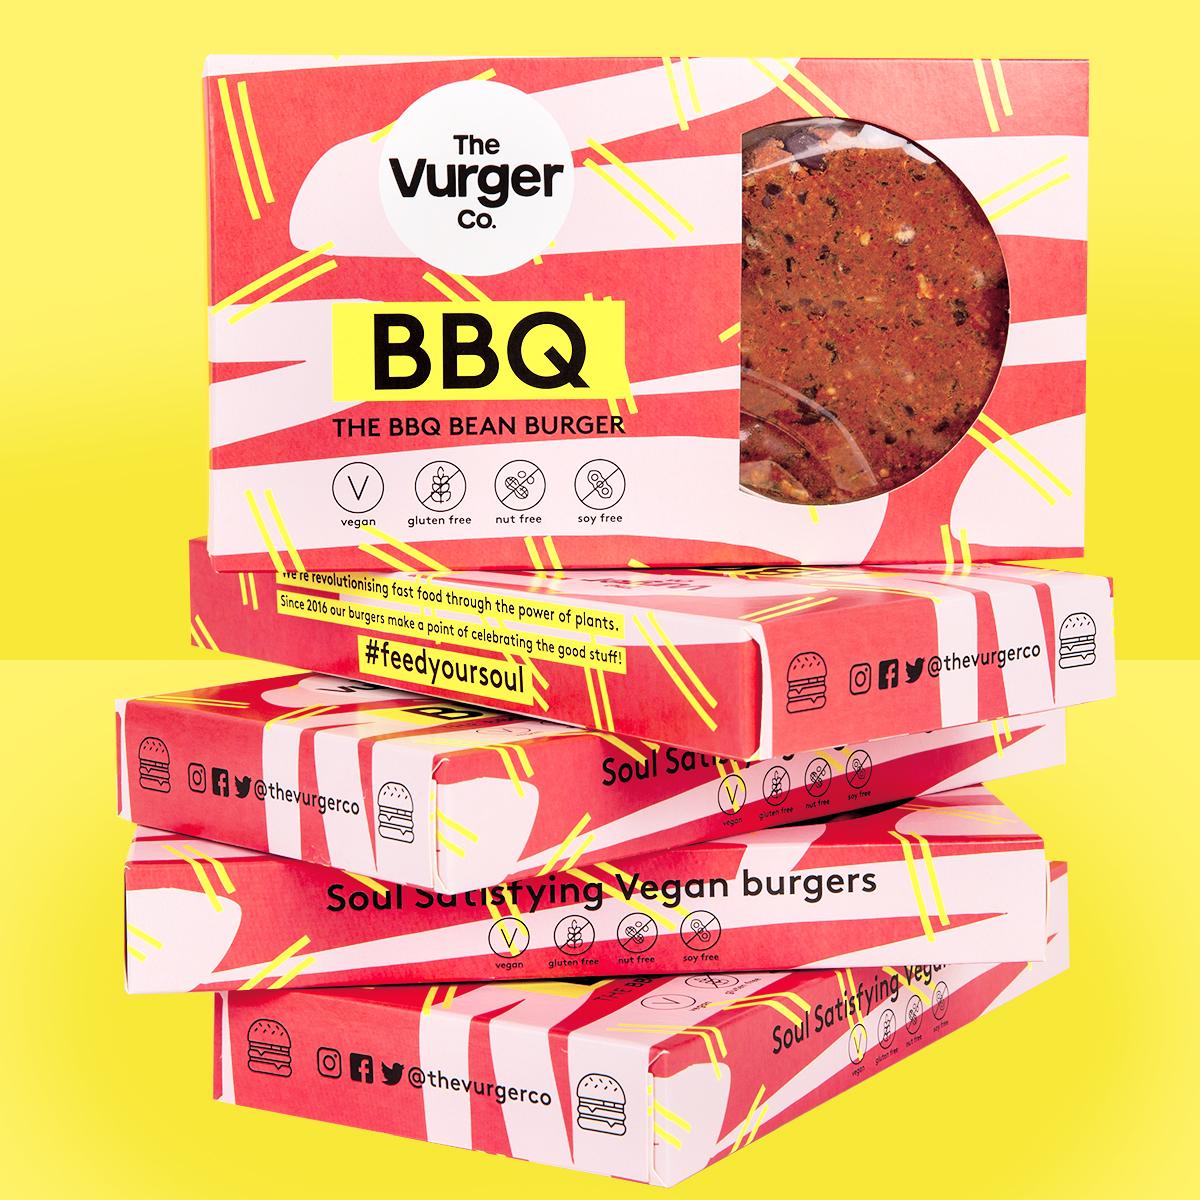 the-vurger-co-bbq.jpg